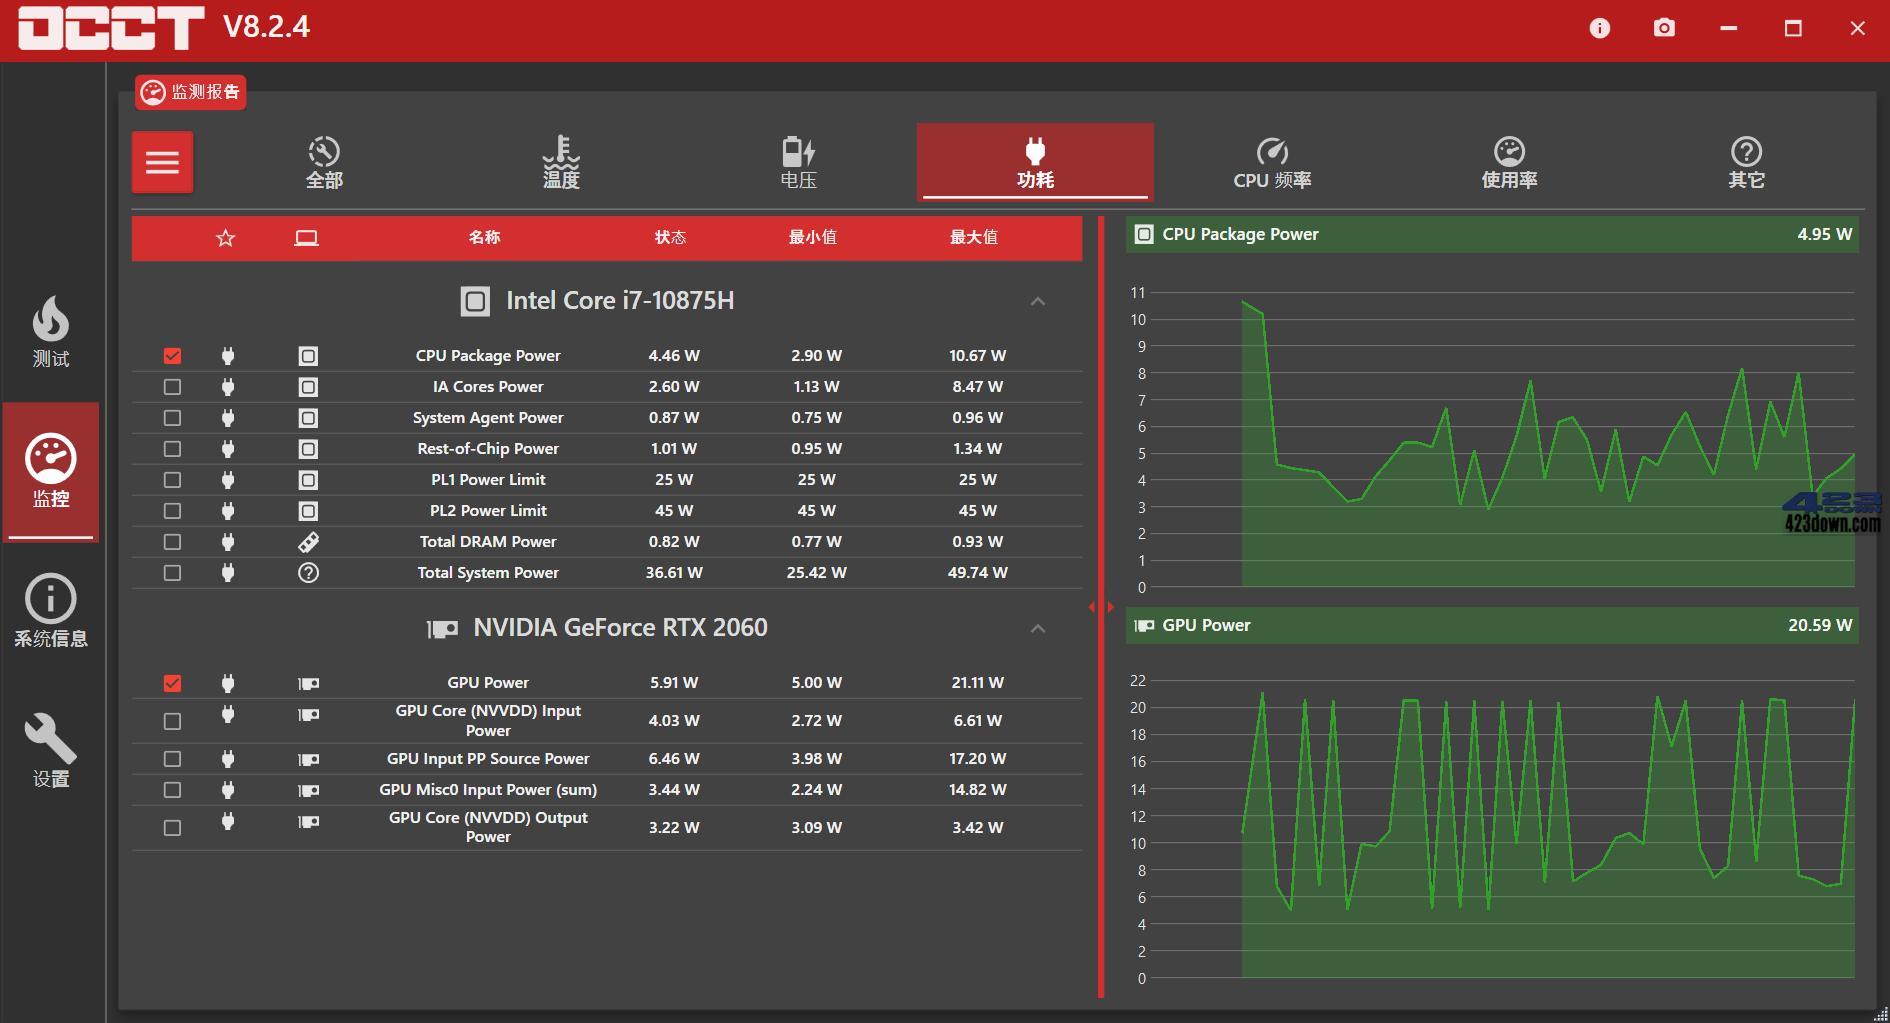 硬件电压功耗测试软件OCCT 9.1.0 官方正式版